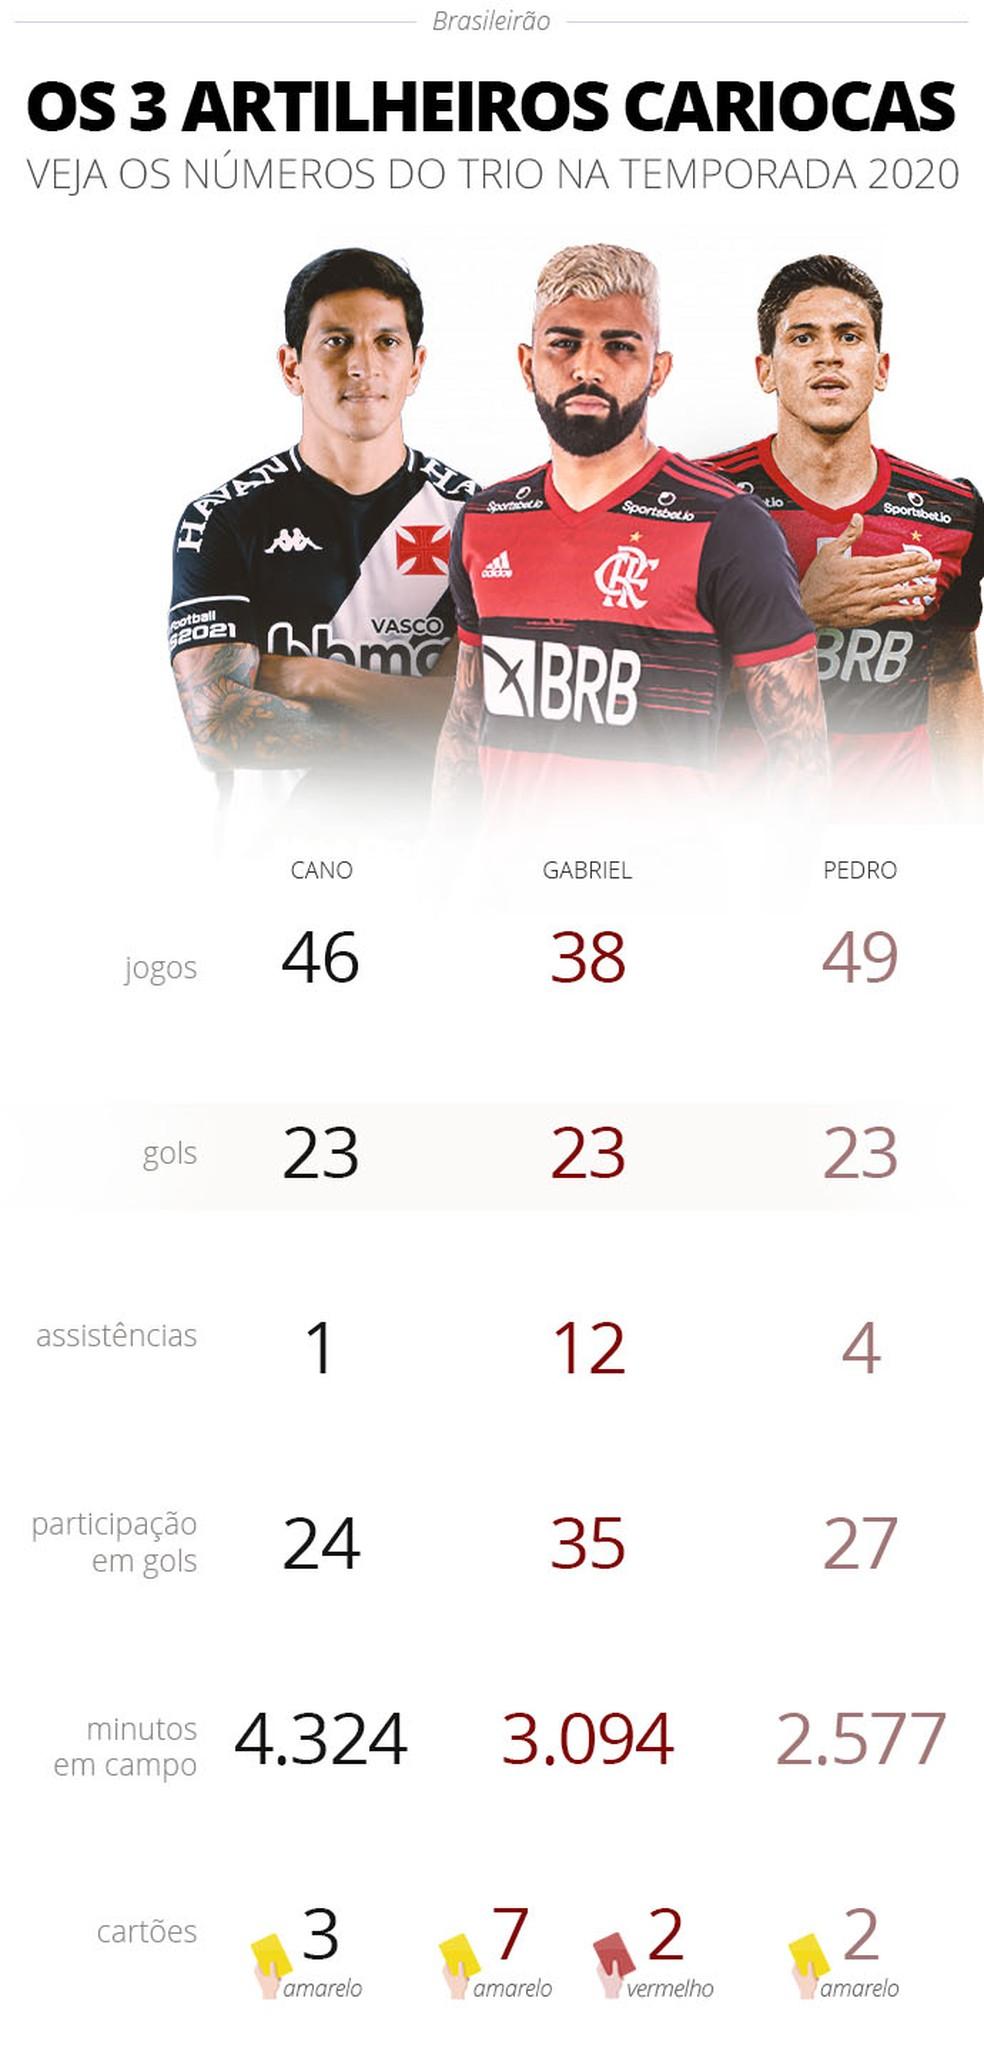 Empatados com 23 gols, Gabigol, Pedro e Cano têm disputas particular - Imagem 1